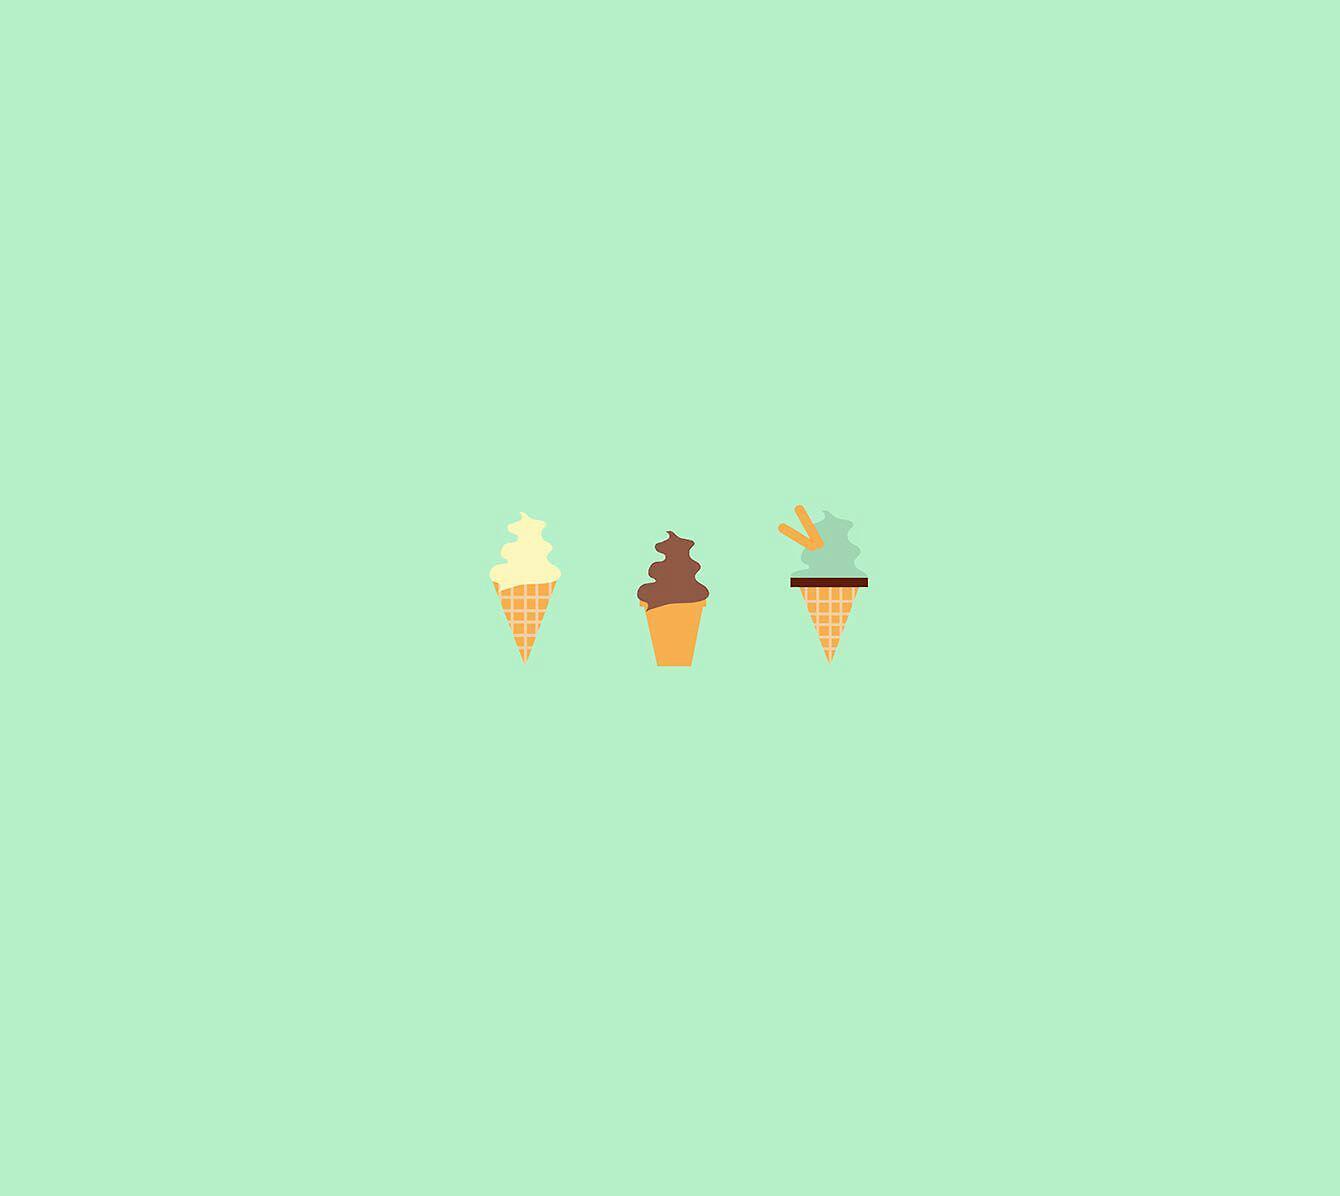 Food Wallpaper On Tumblr